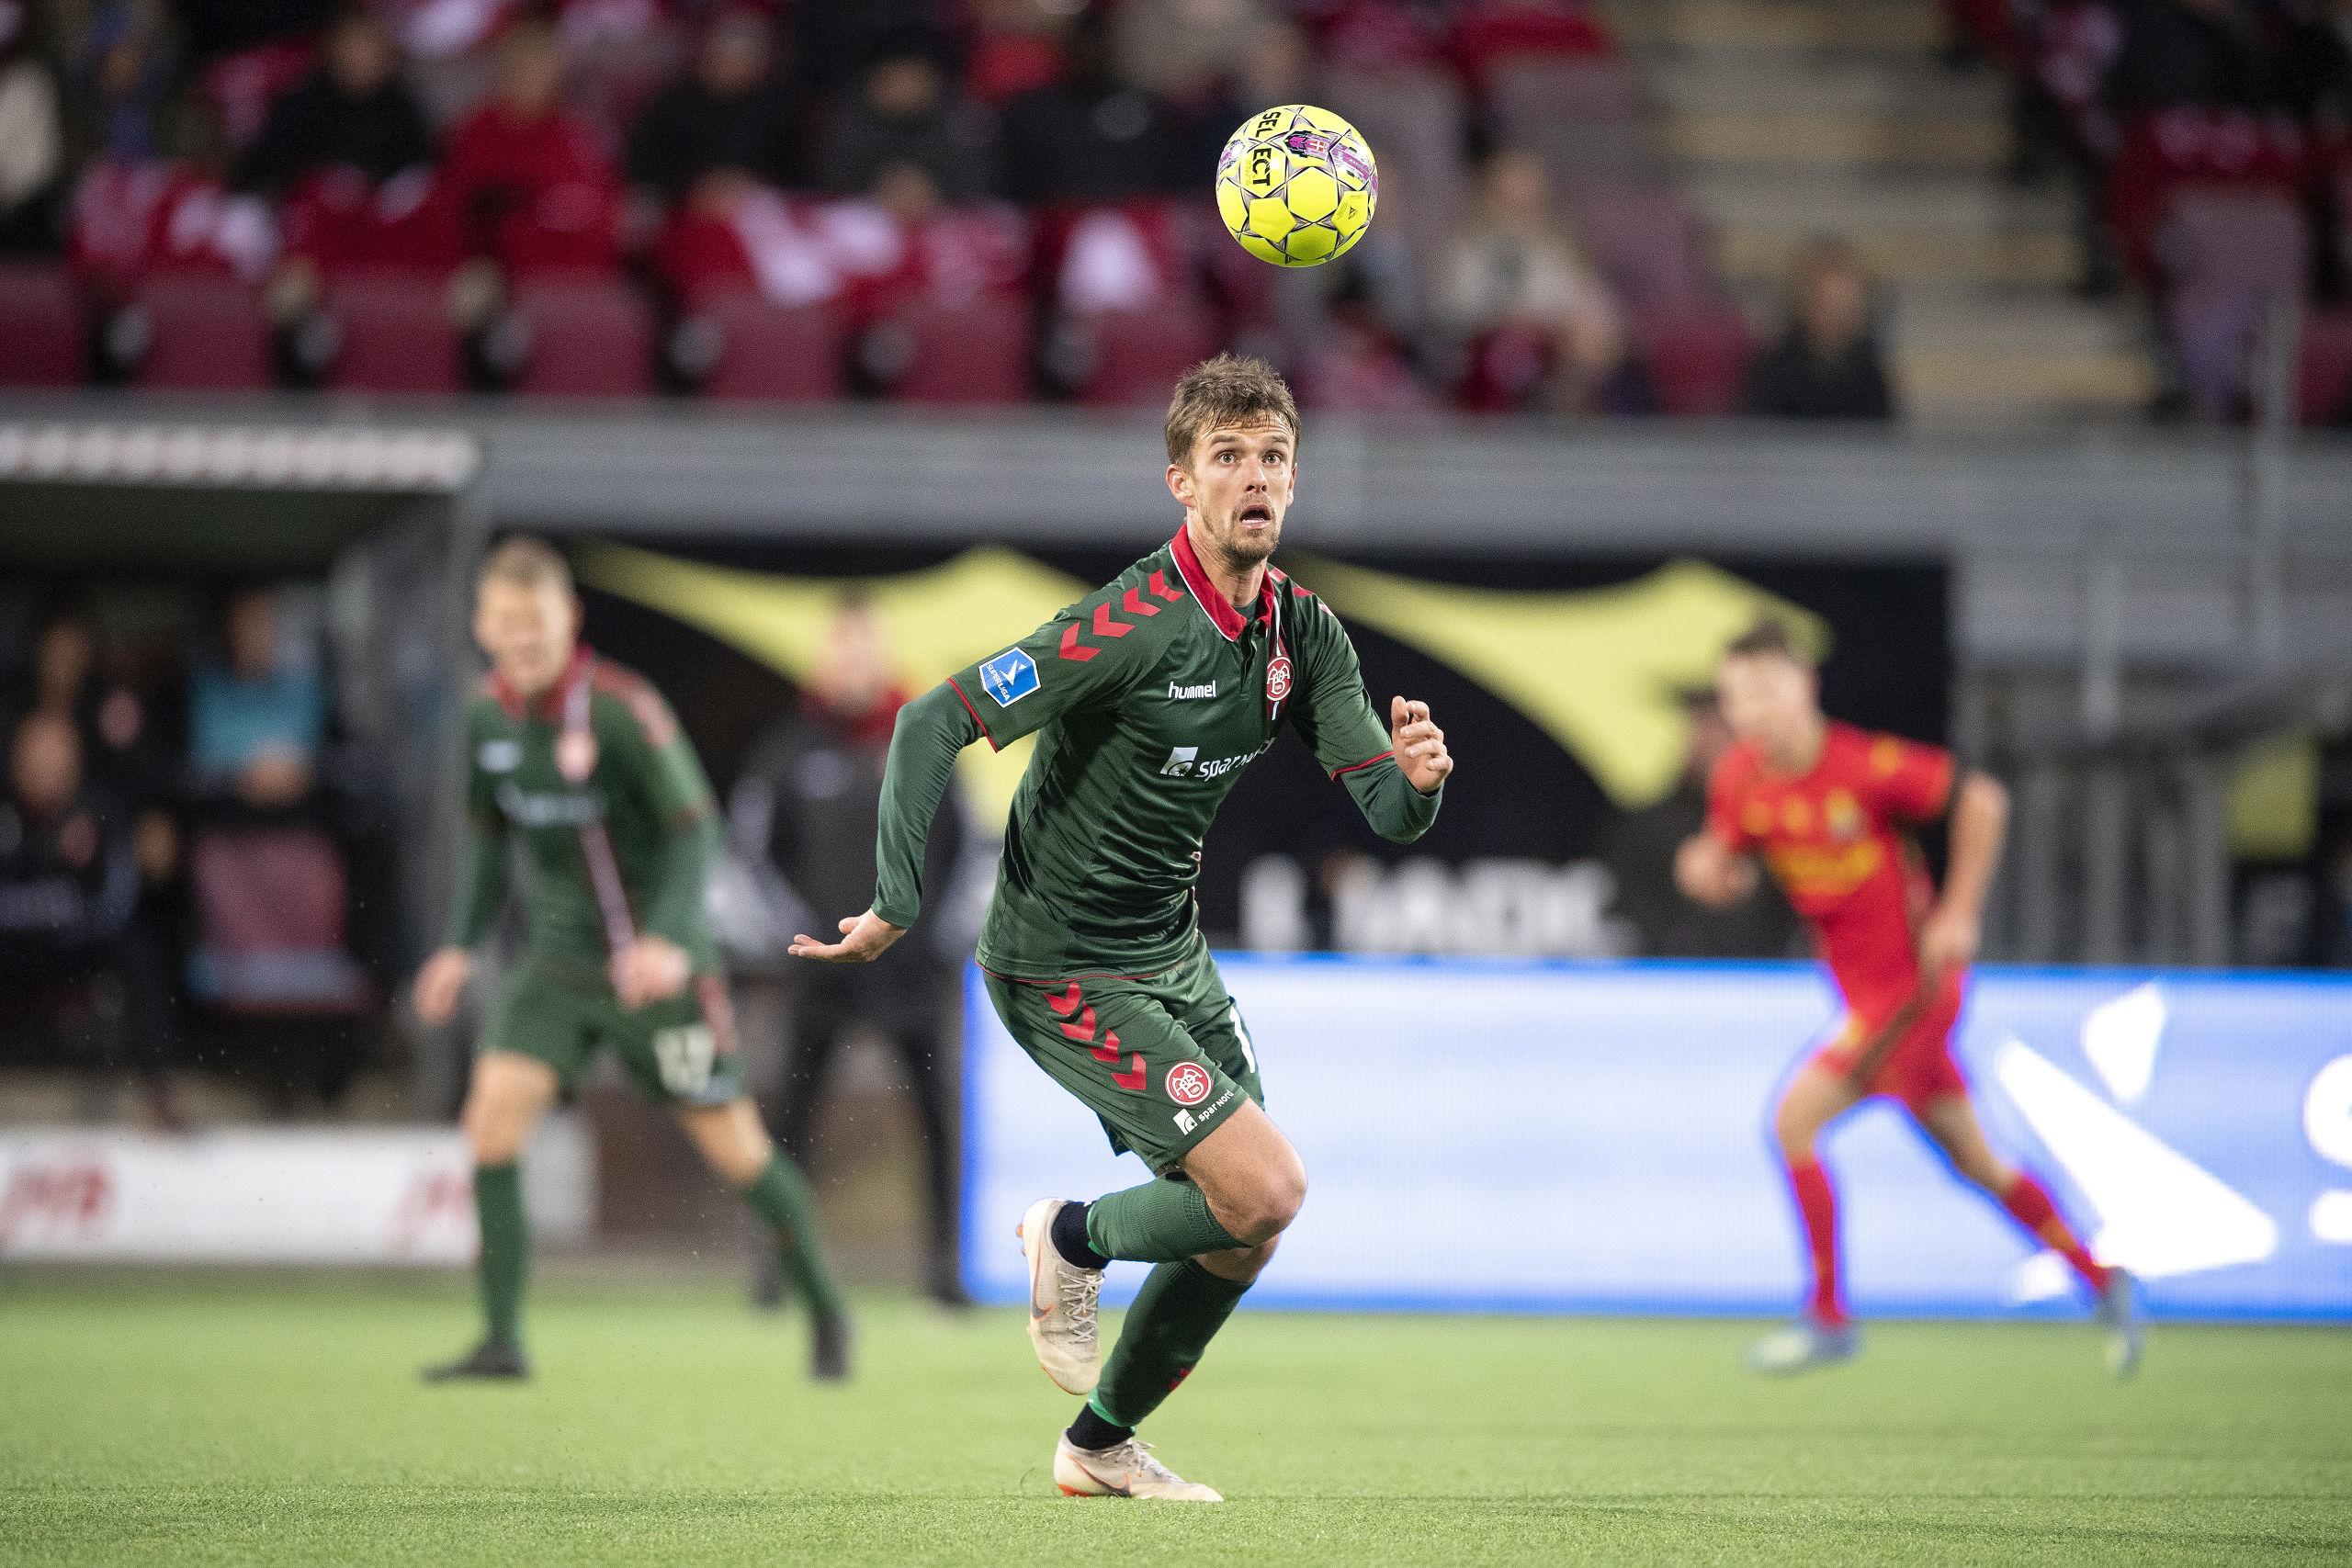 Fuldt hold at plukke fra for Friis før SønderjyskE